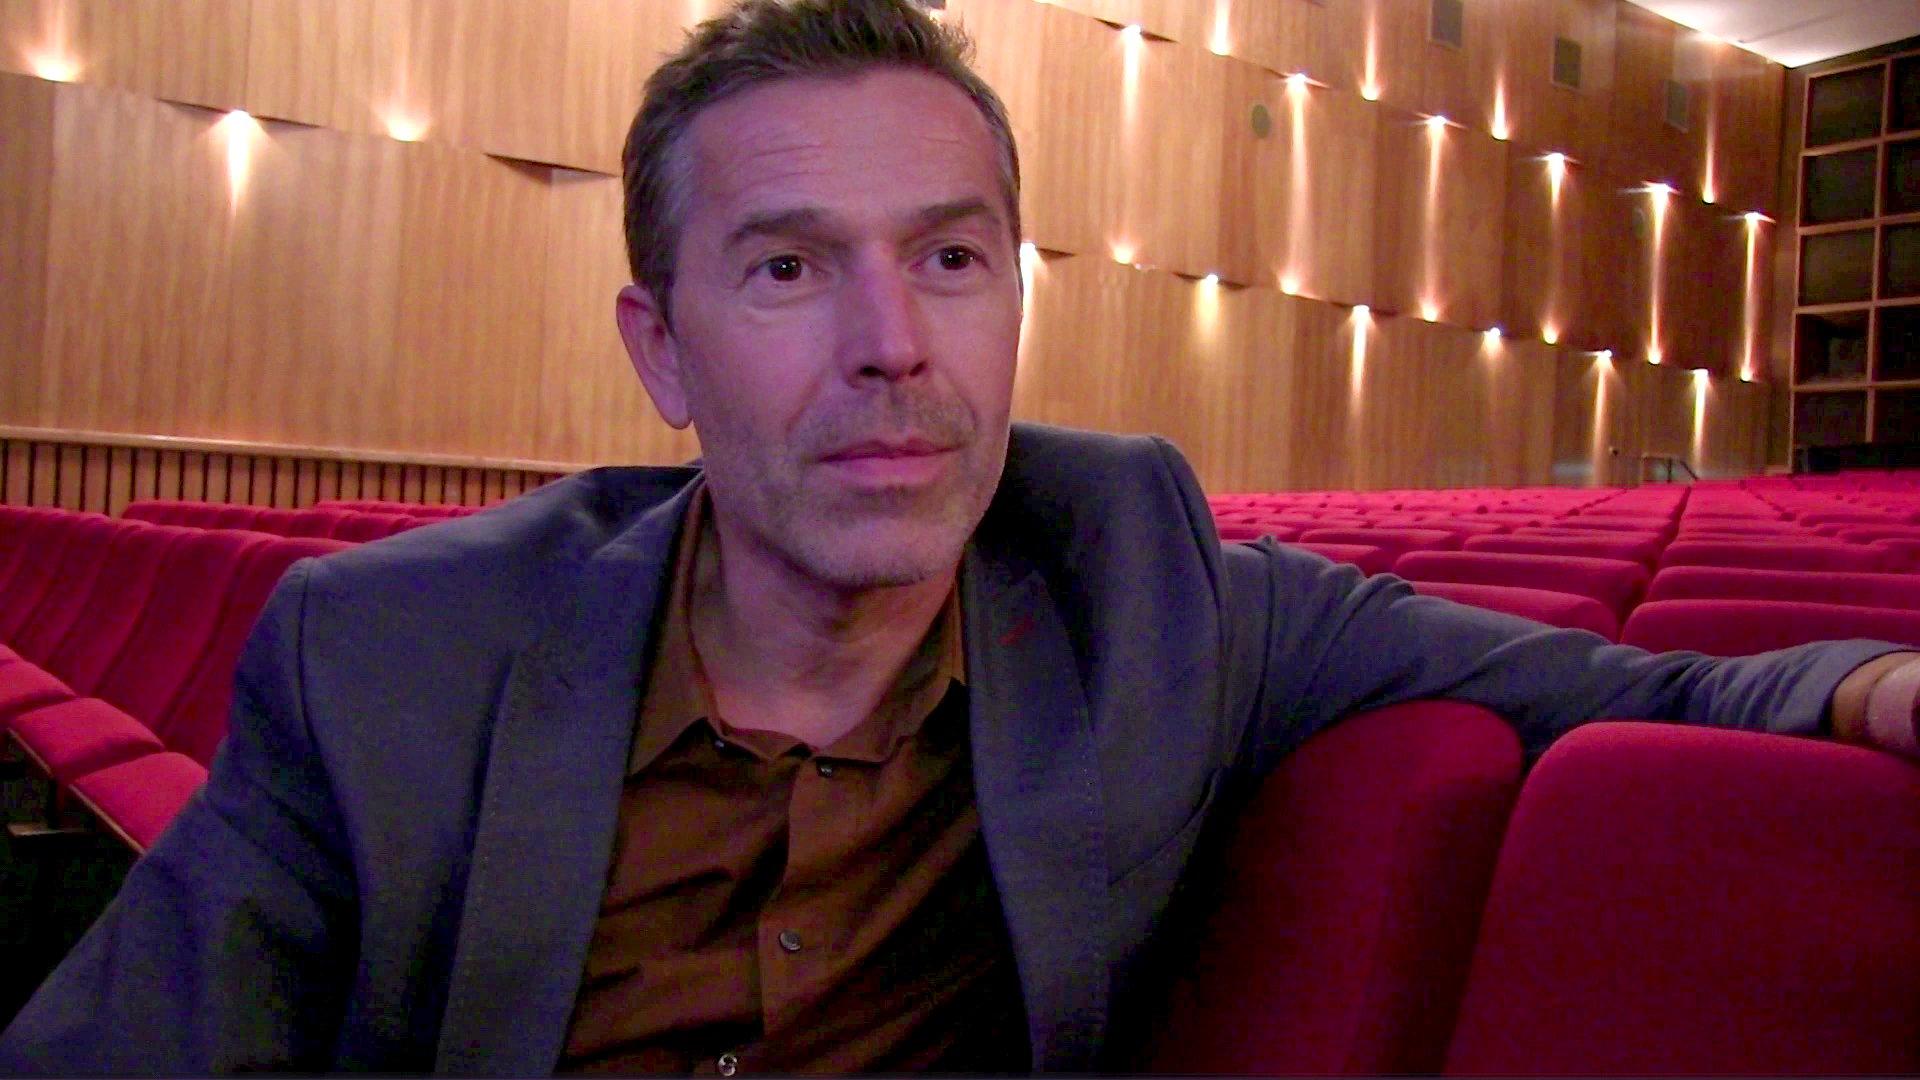 Naturfilmer Dirk Steffens im Interview, 2016 (video)